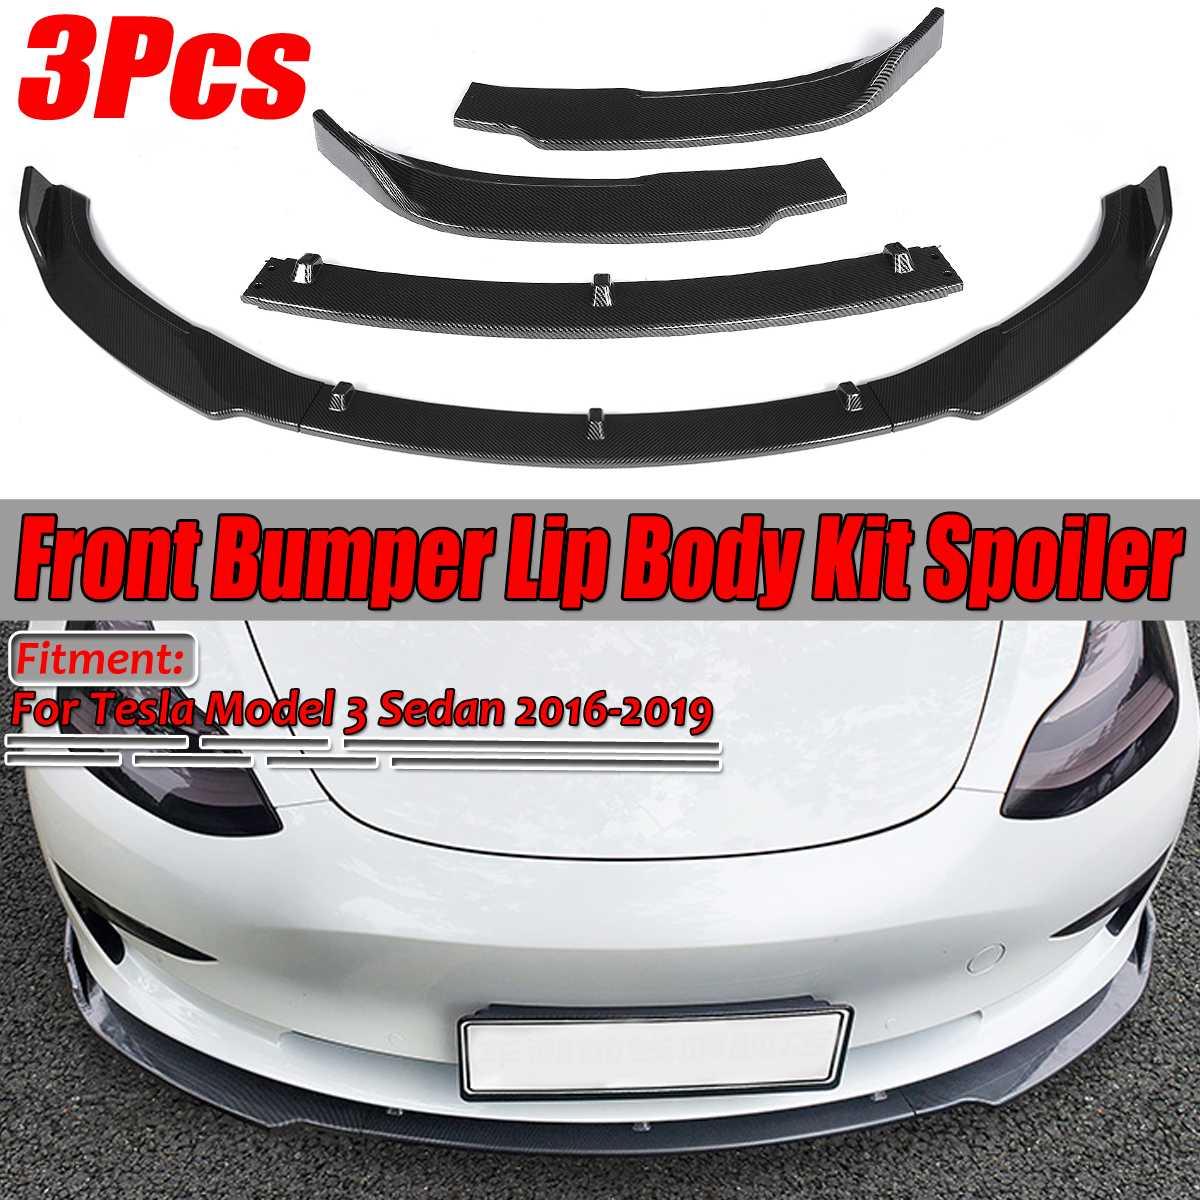 Nuevo 3 uds aspecto de fibra de carbono/Negro coche parachoques delantero divisor labio cuerpo Kit Spoiler difusor protector para Tesla modelo 3 Sedan 2016-2019